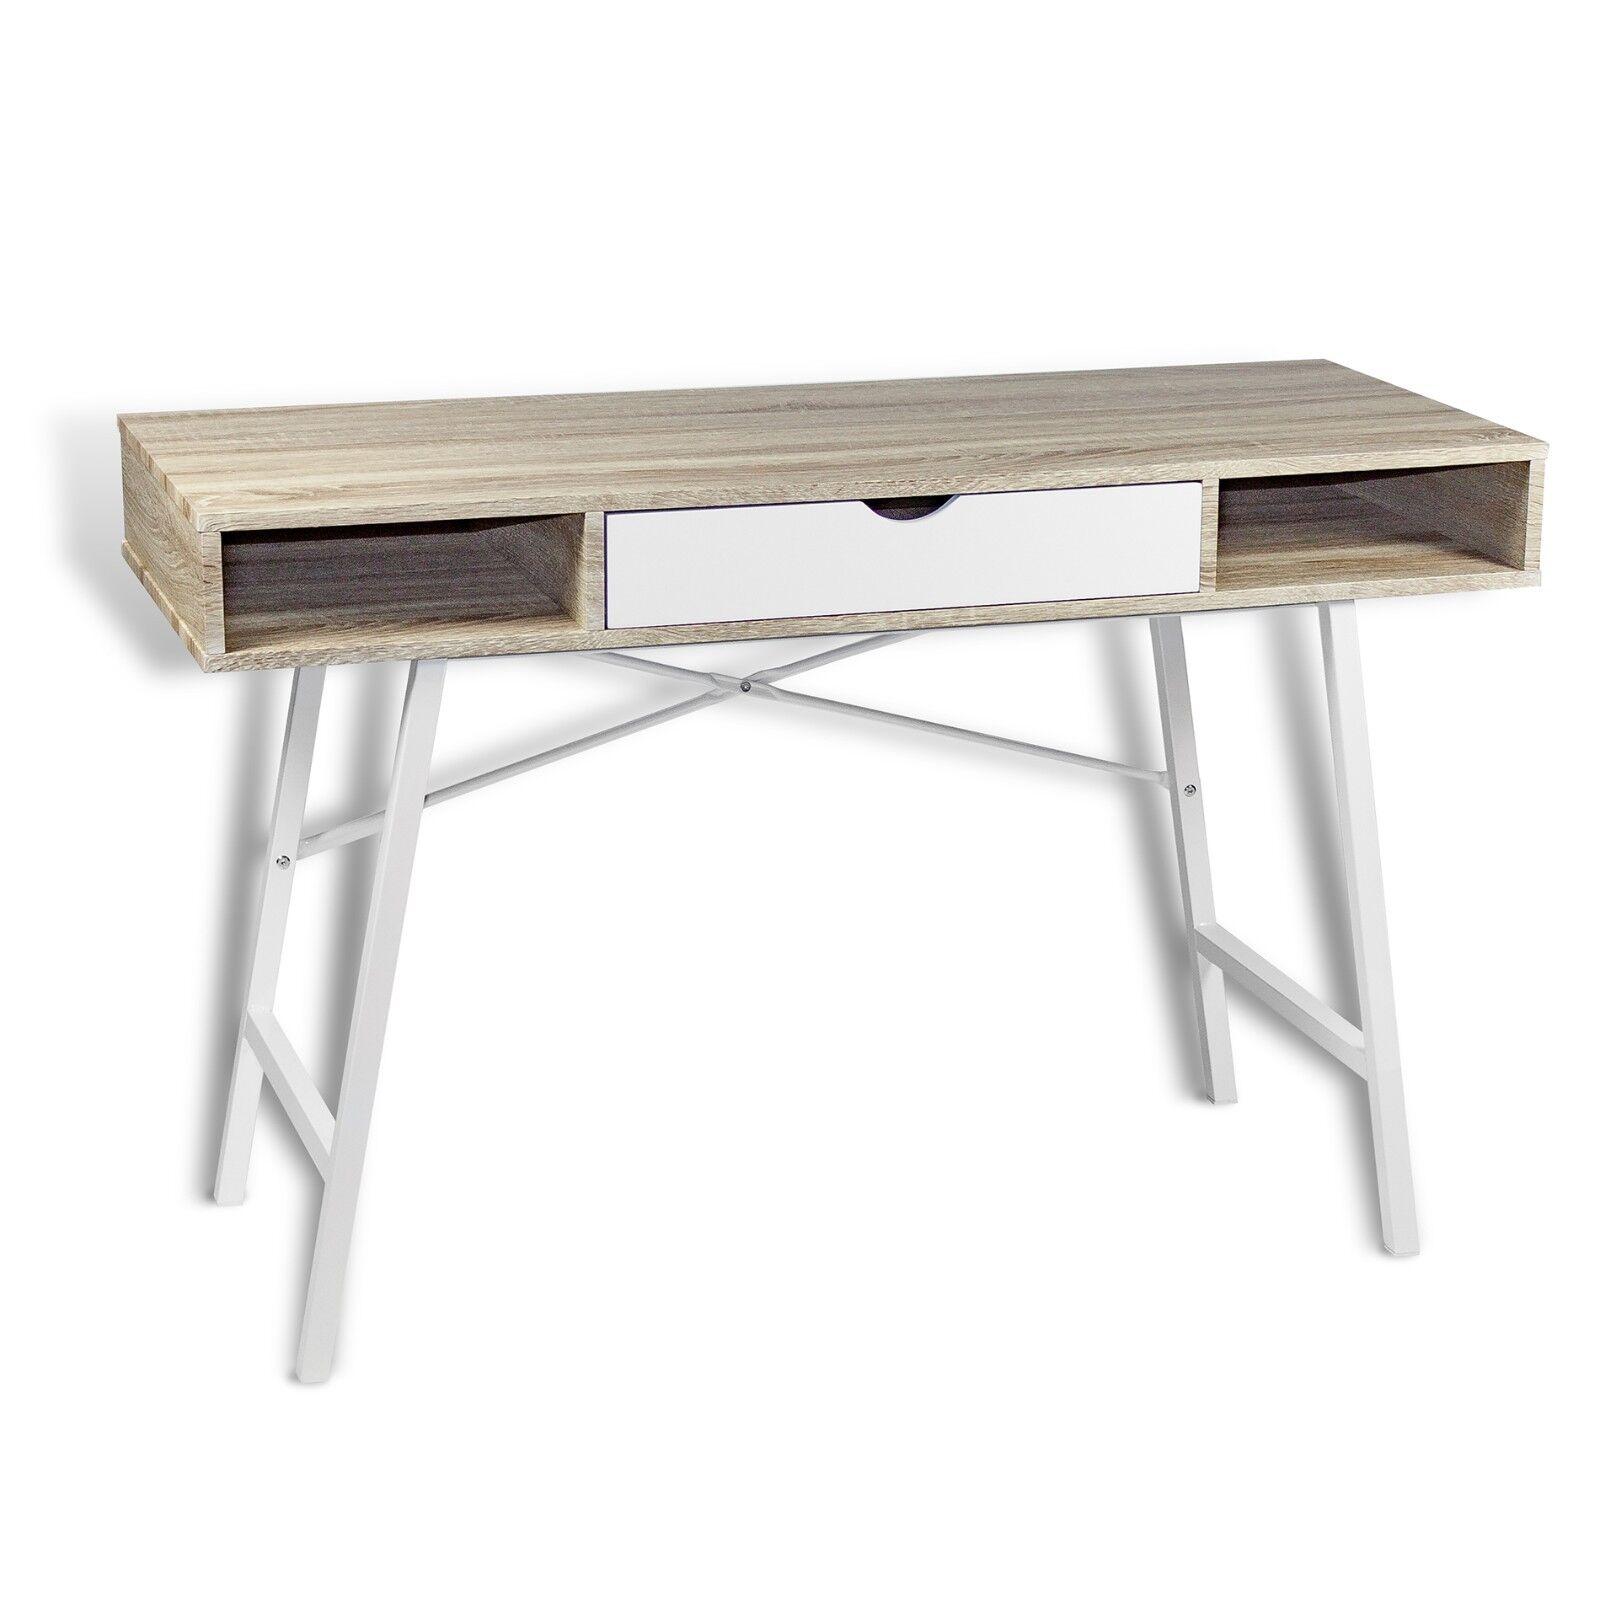 Schreibtische Computermöbel Möbel Möbel Wohnen Piqdealsde